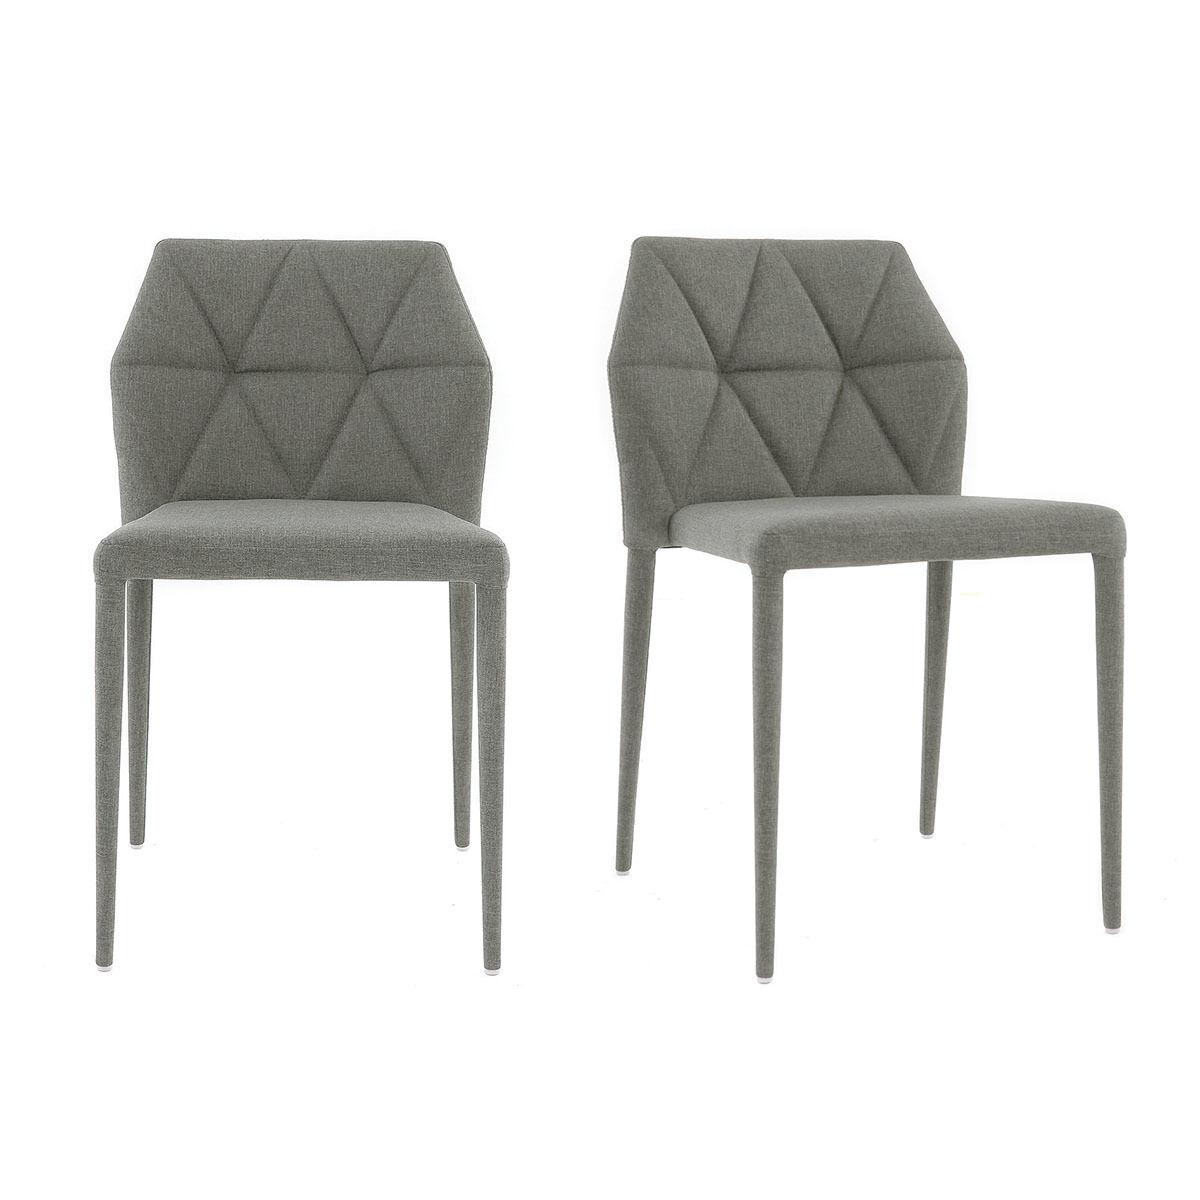 Miliboo Chaises empilables design gris clair (lot de 2) KARLA